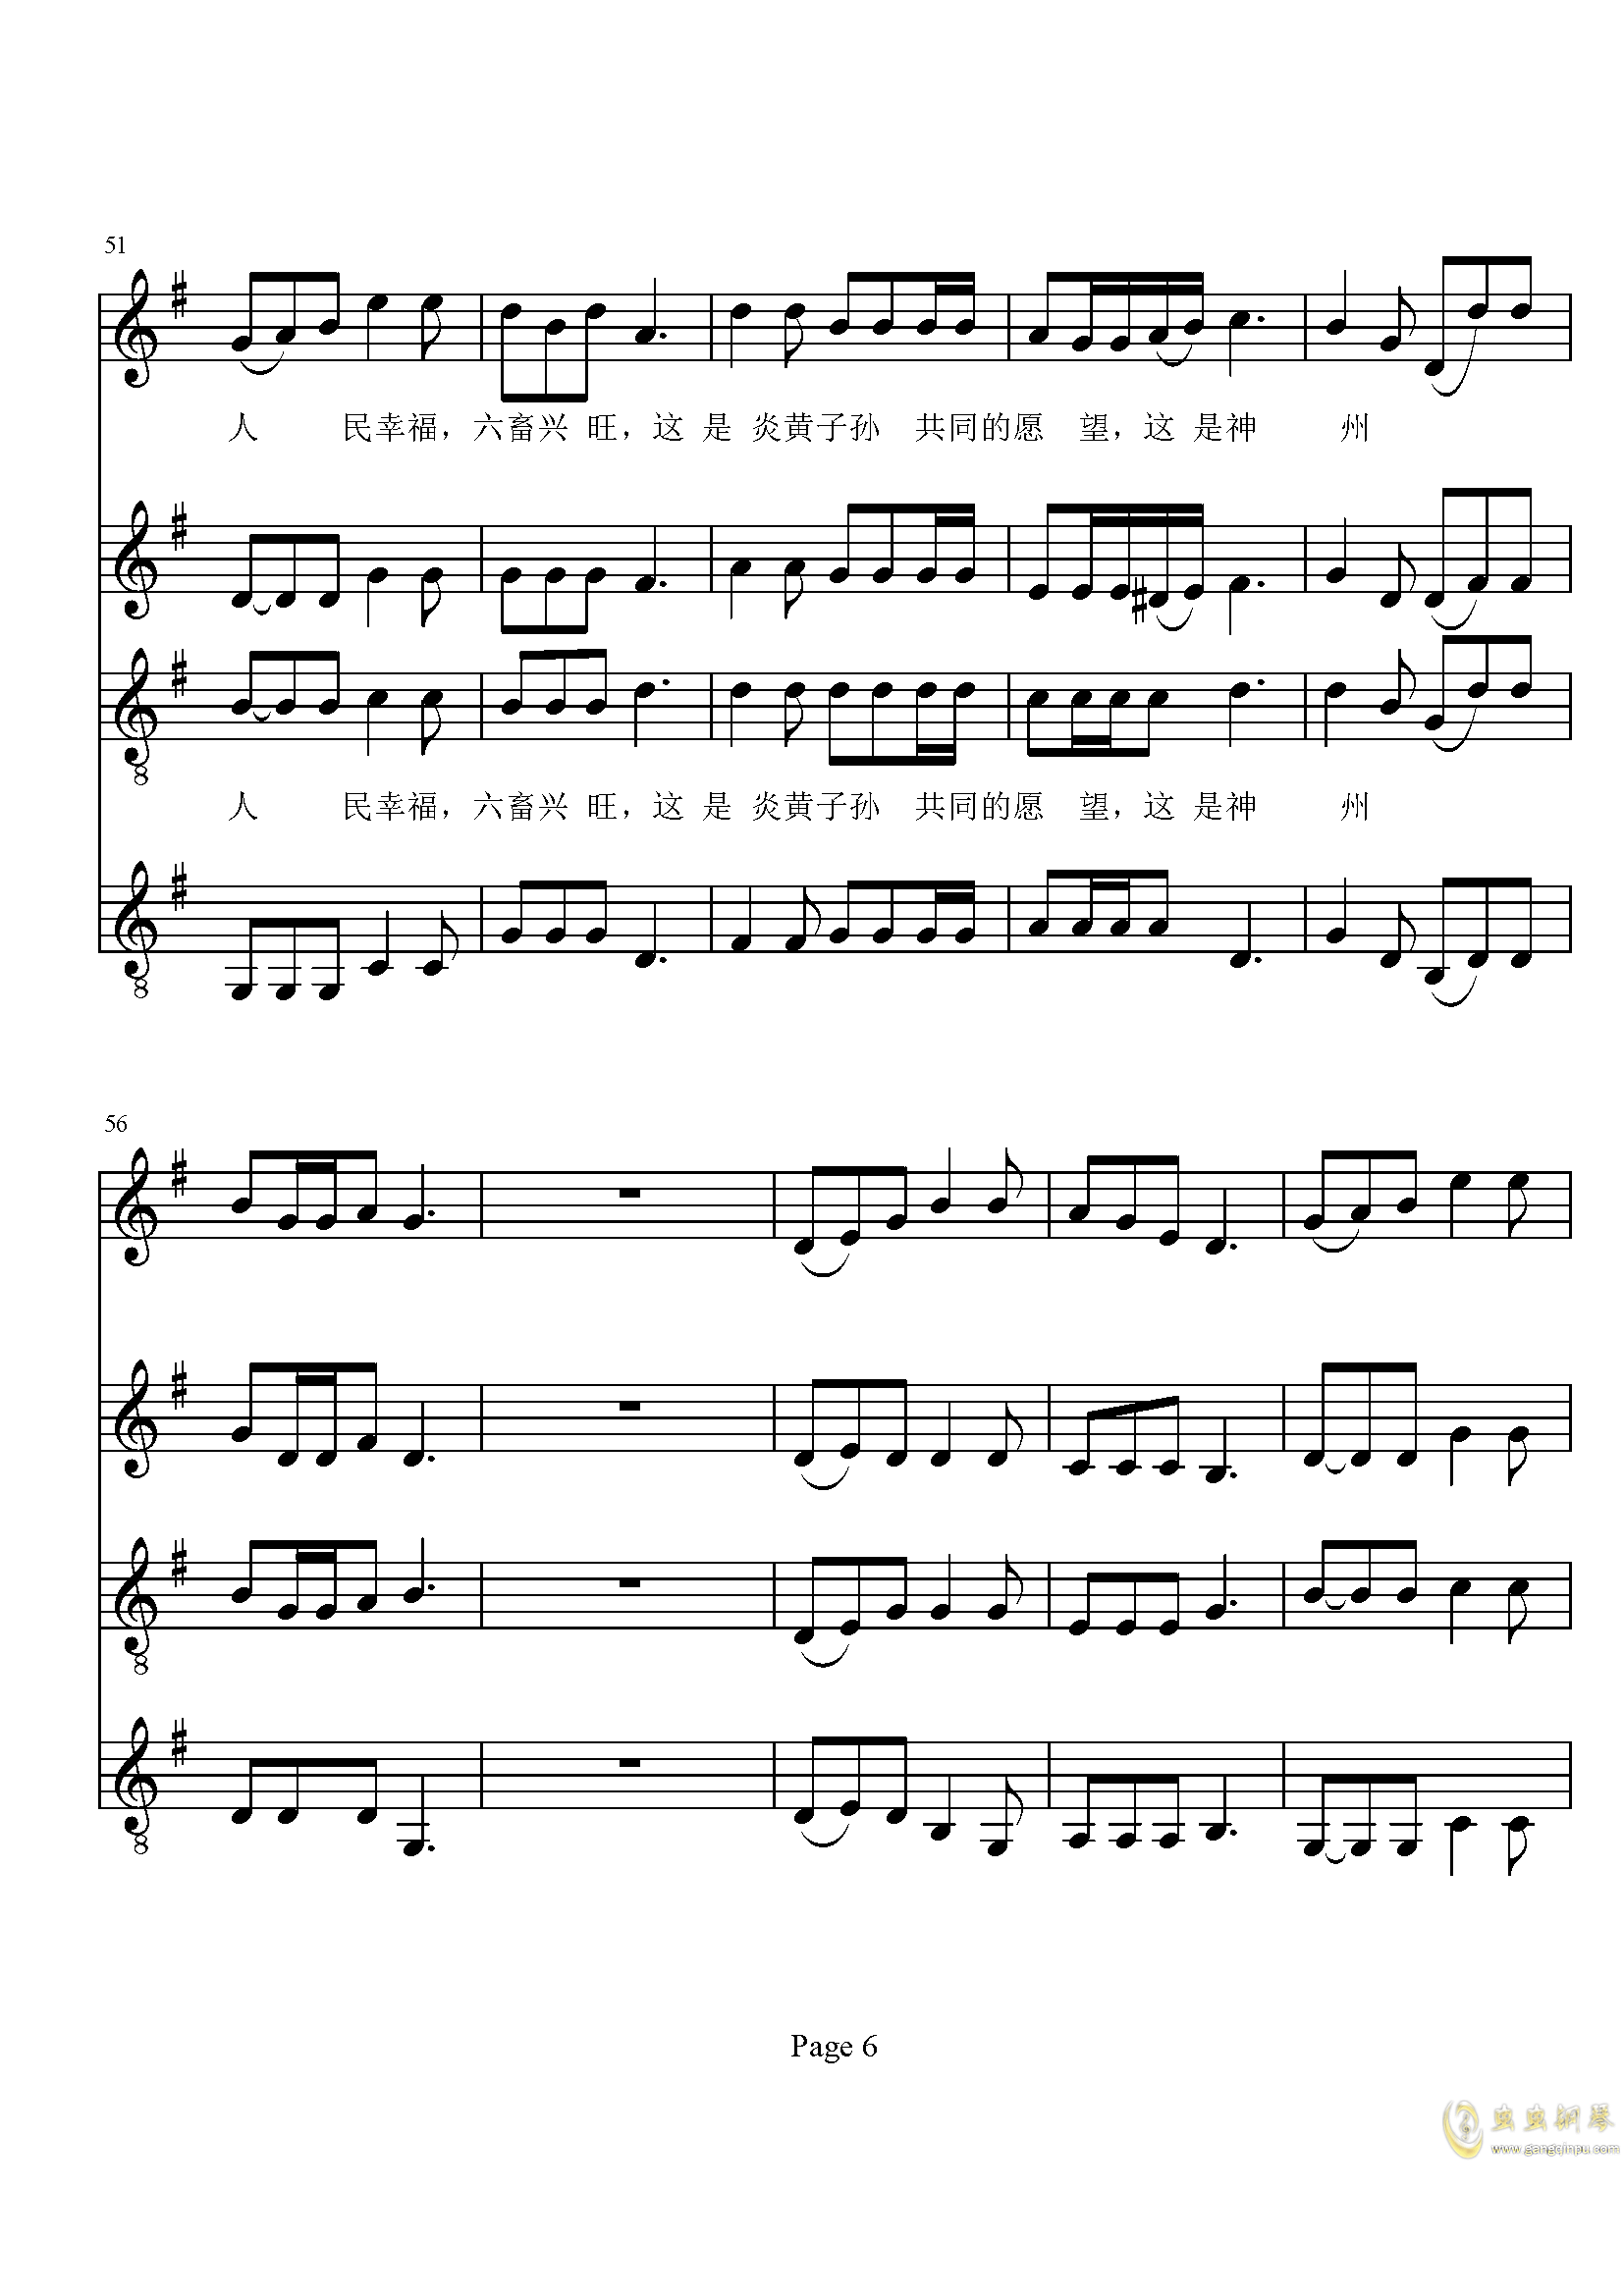 管弦乐试听)钢琴谱-项道荣-虫虫钢琴谱图片